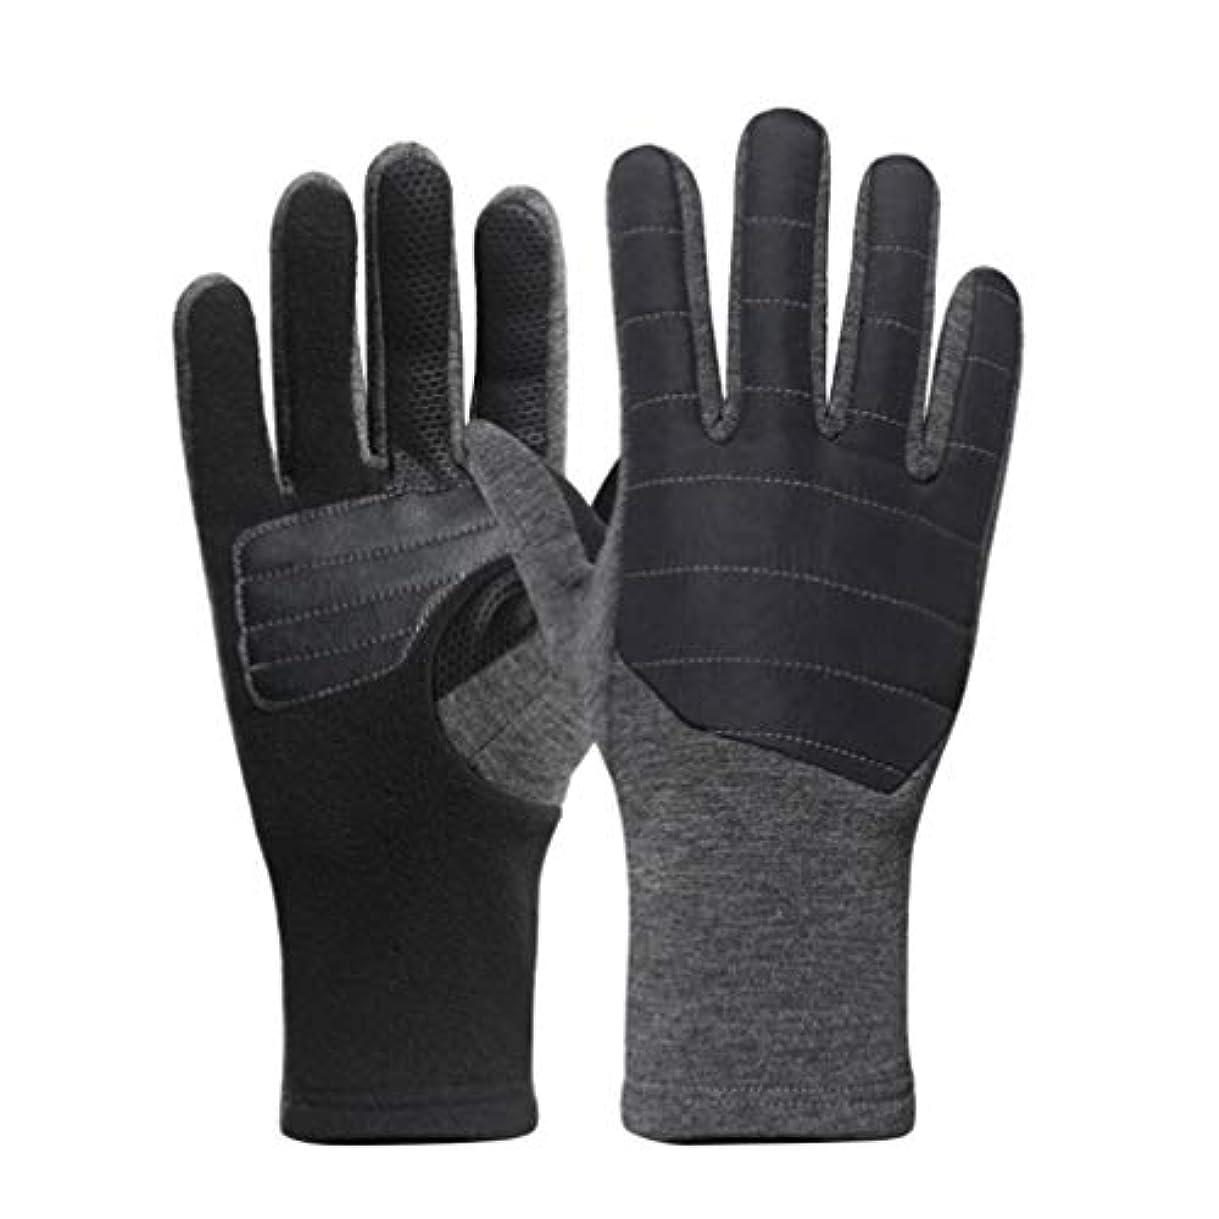 強調する司書増強するLIOOBO 1ペア男性フリース手袋タッチスクリーン指手袋ぬいぐるみ冬手袋暖かい手衣装屋外乗馬登山ハイキング